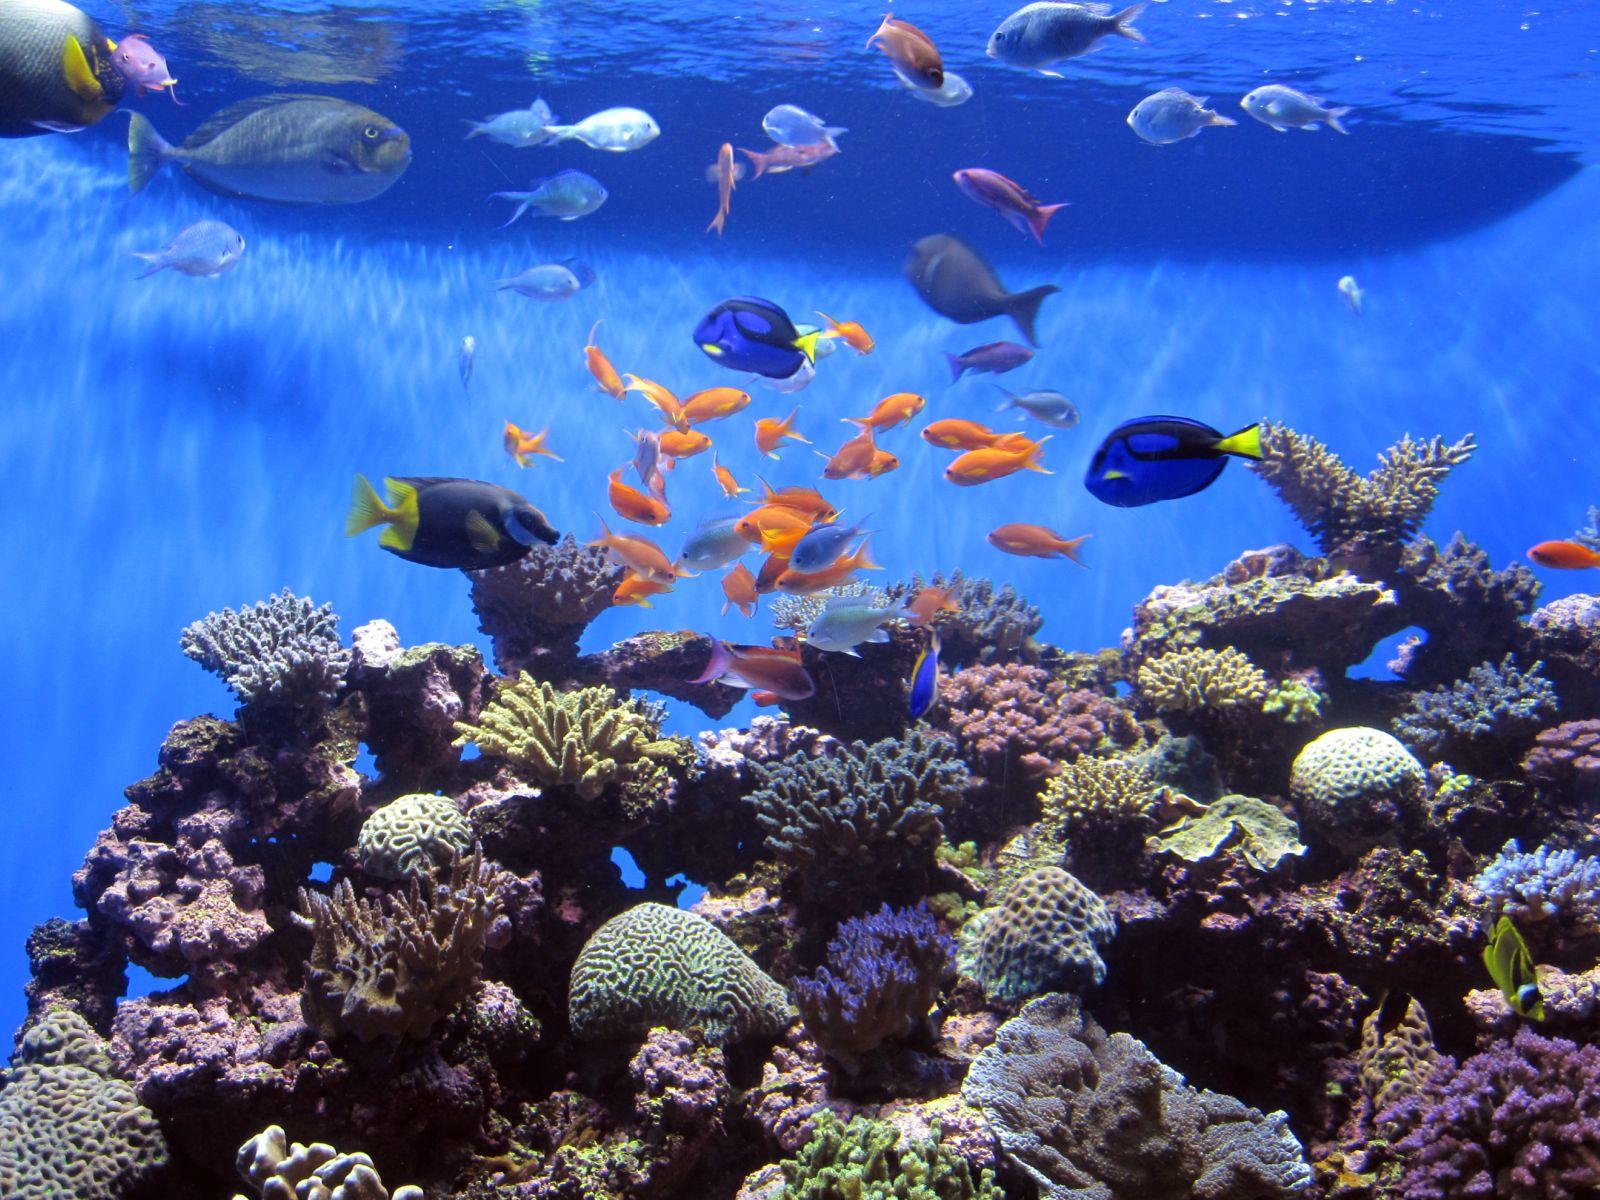 The Hawkins Family Birch Aquarium